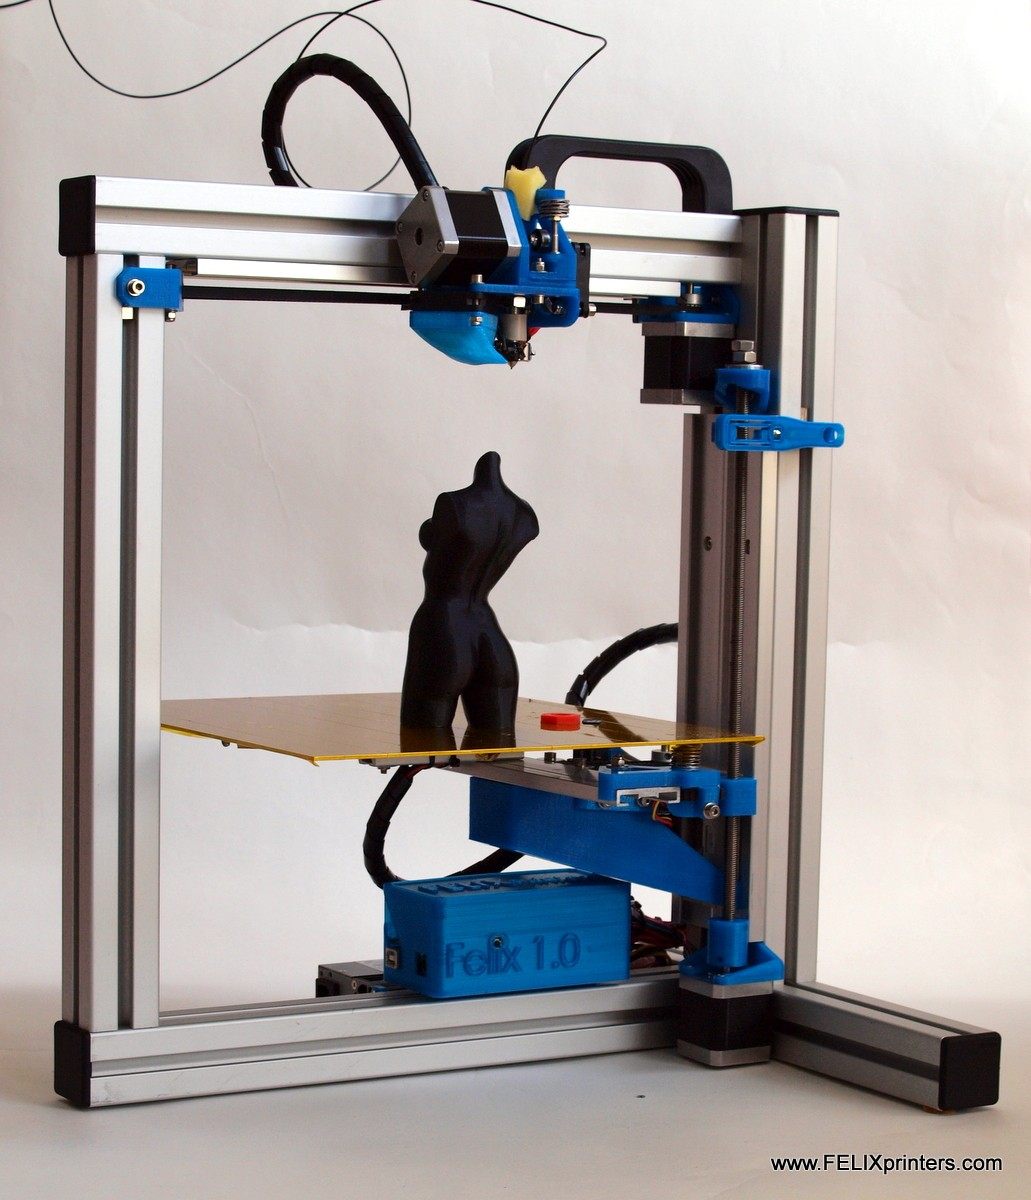 Impresoras 3d noviembre 2012 for Impresora 3d laser